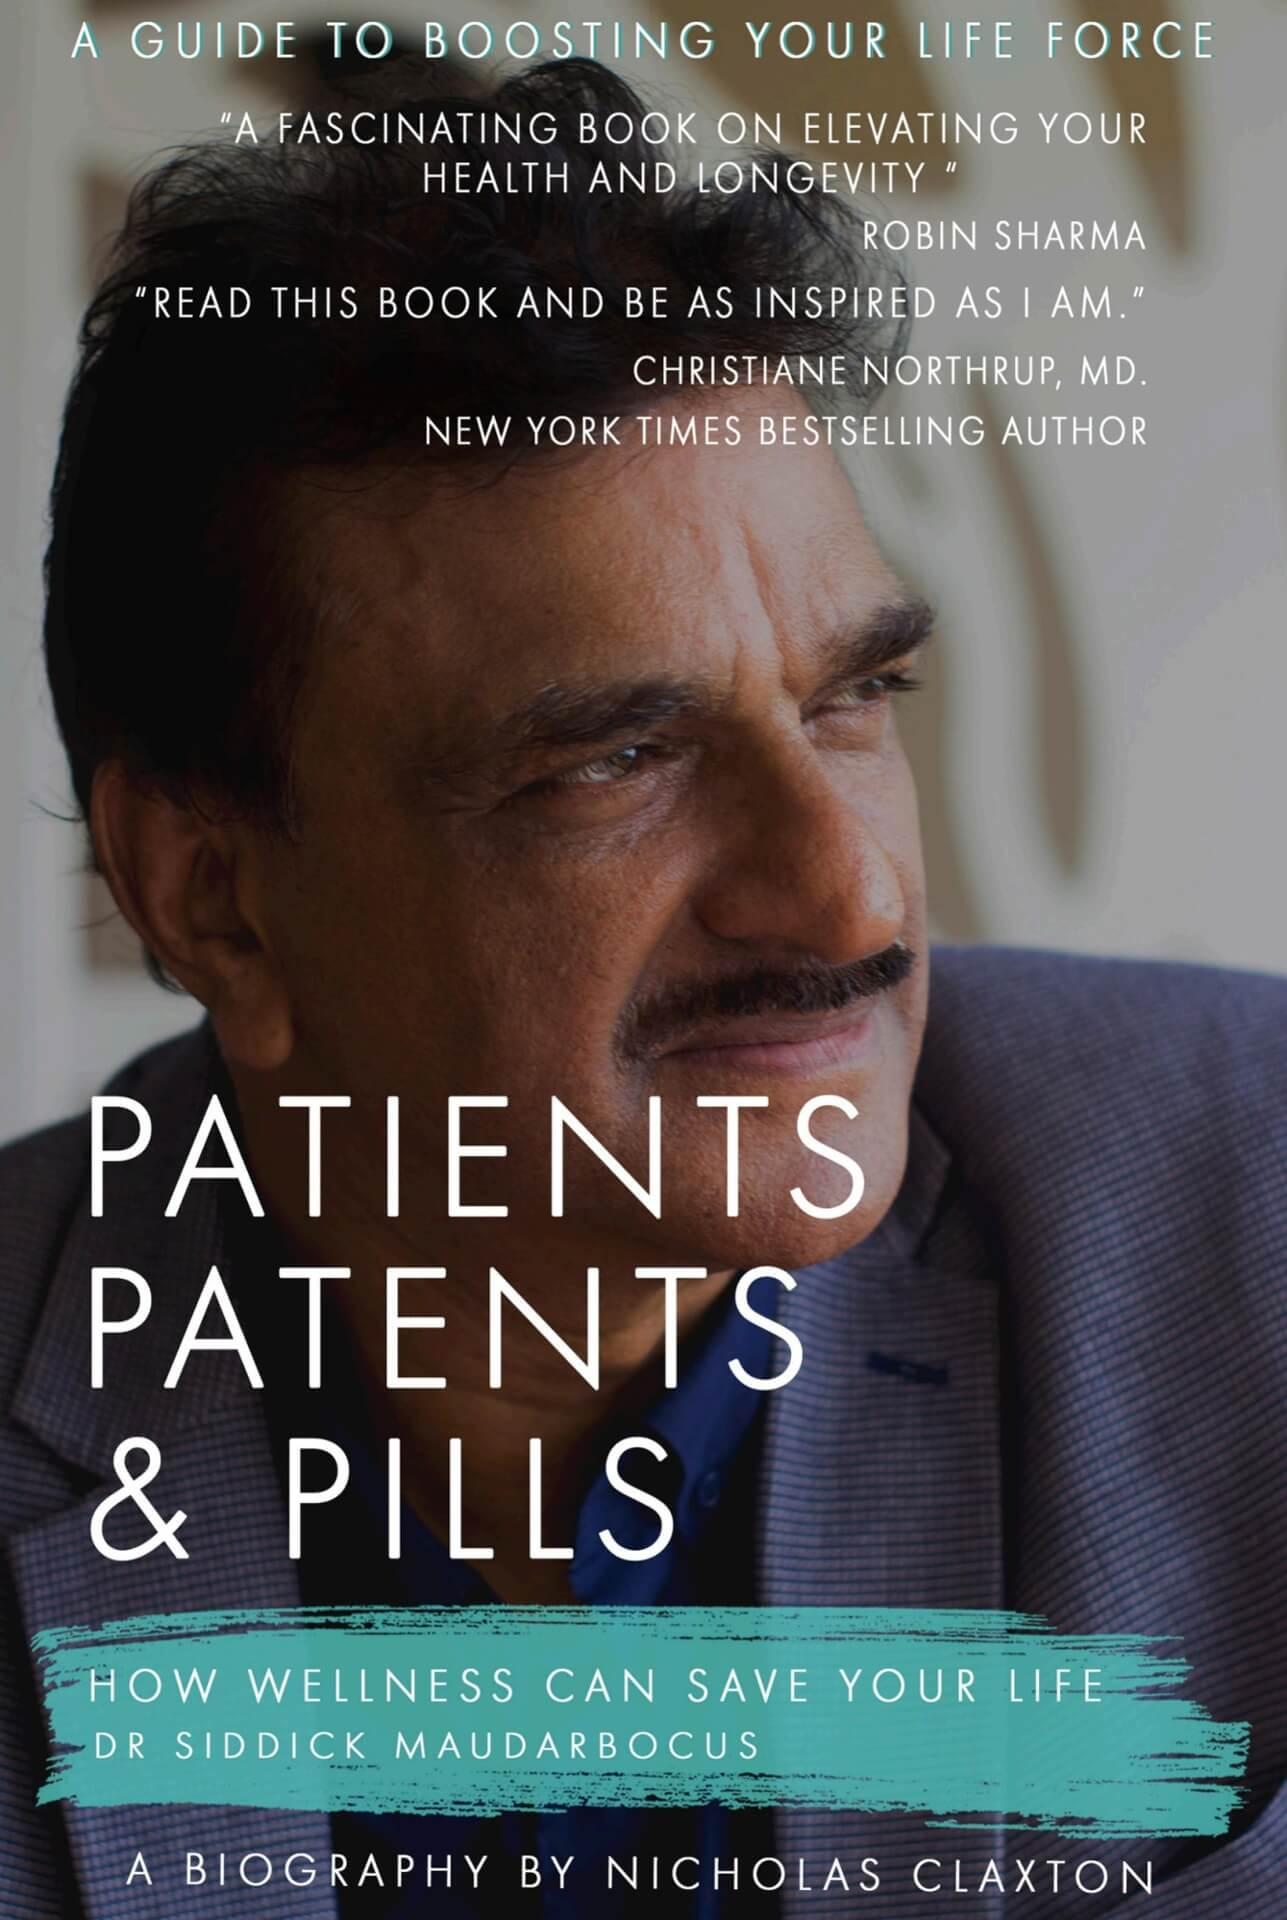 Dr Siddick Maudarbocus Book Cover